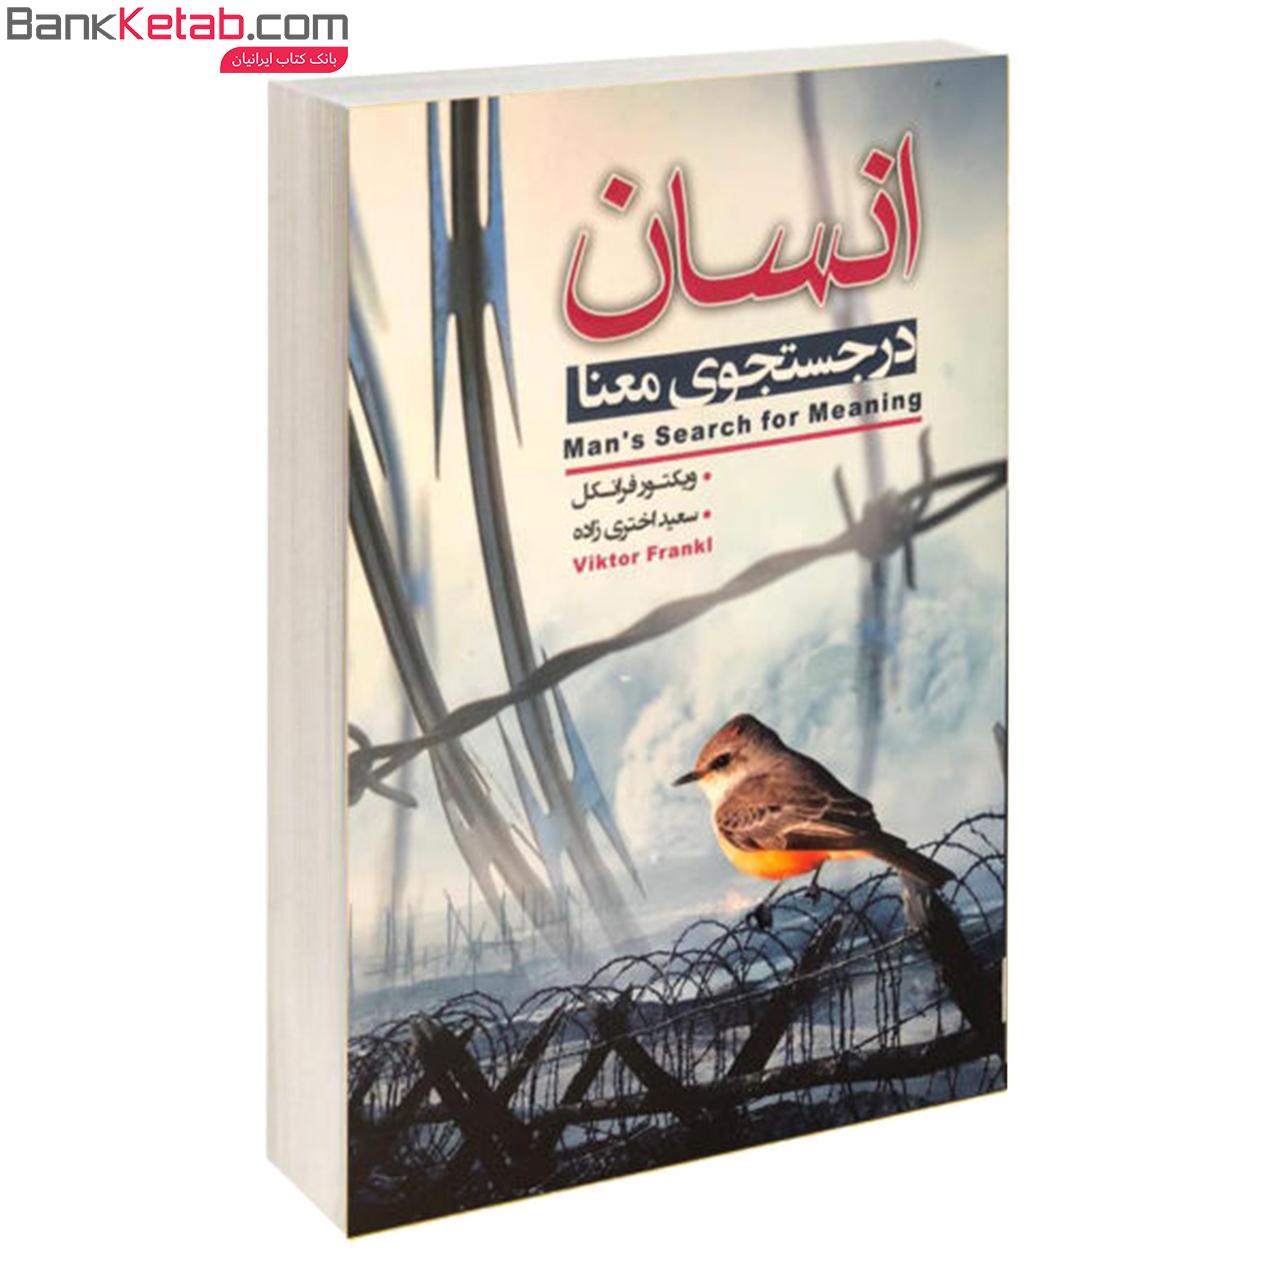 کتاب انسان در جستجوی معنا اثر ویکتور فرانکل